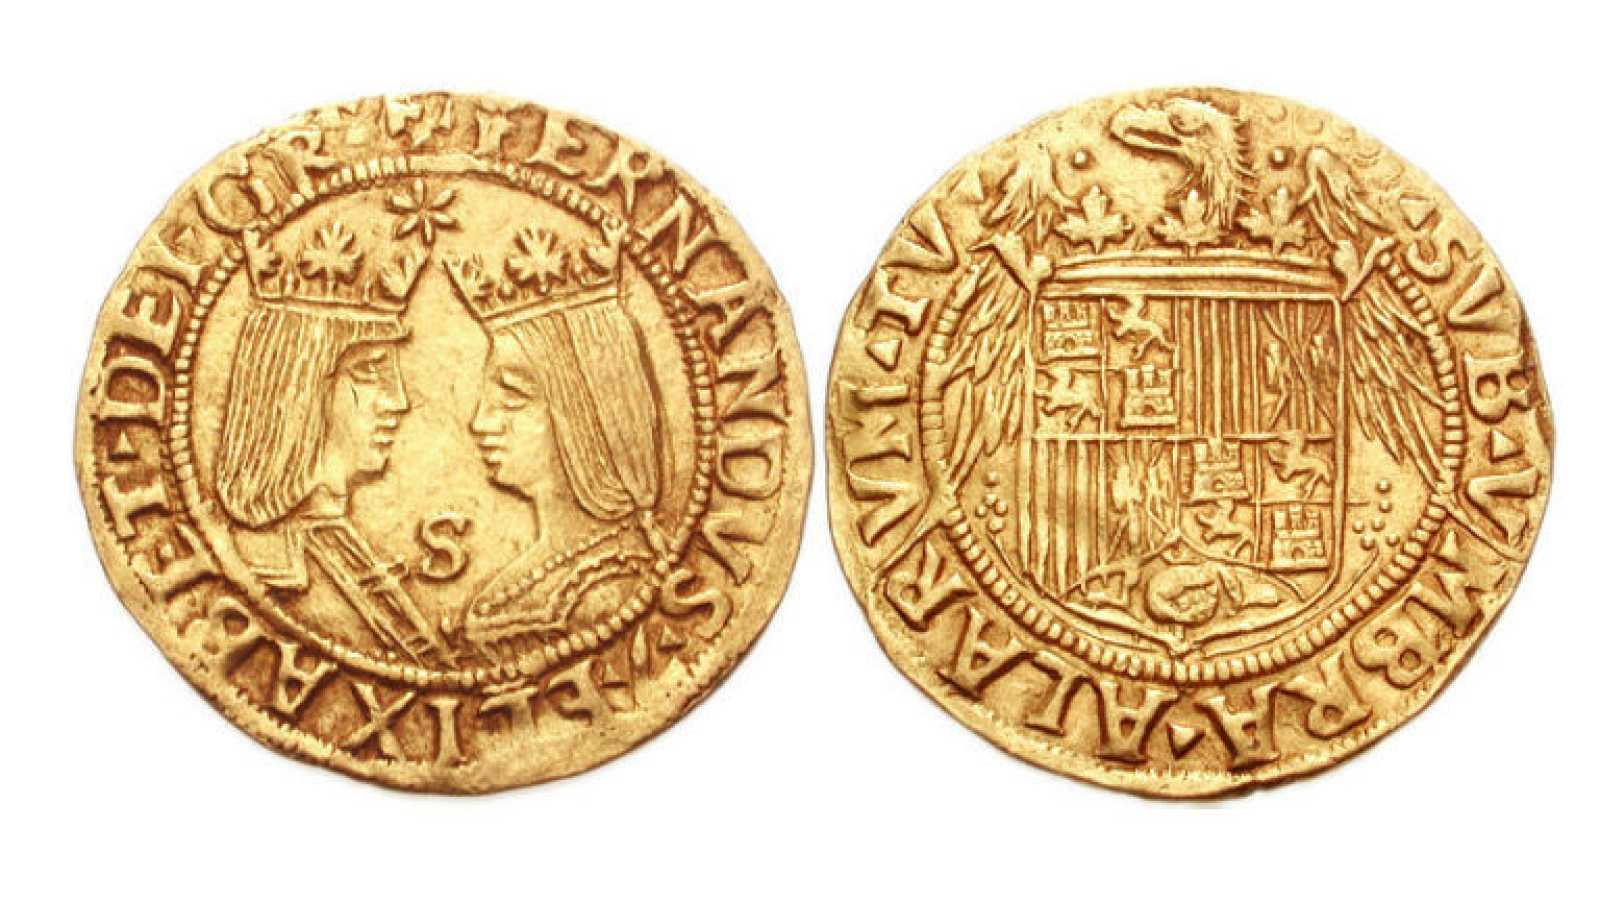 Monedas de los Reyes de Castilla